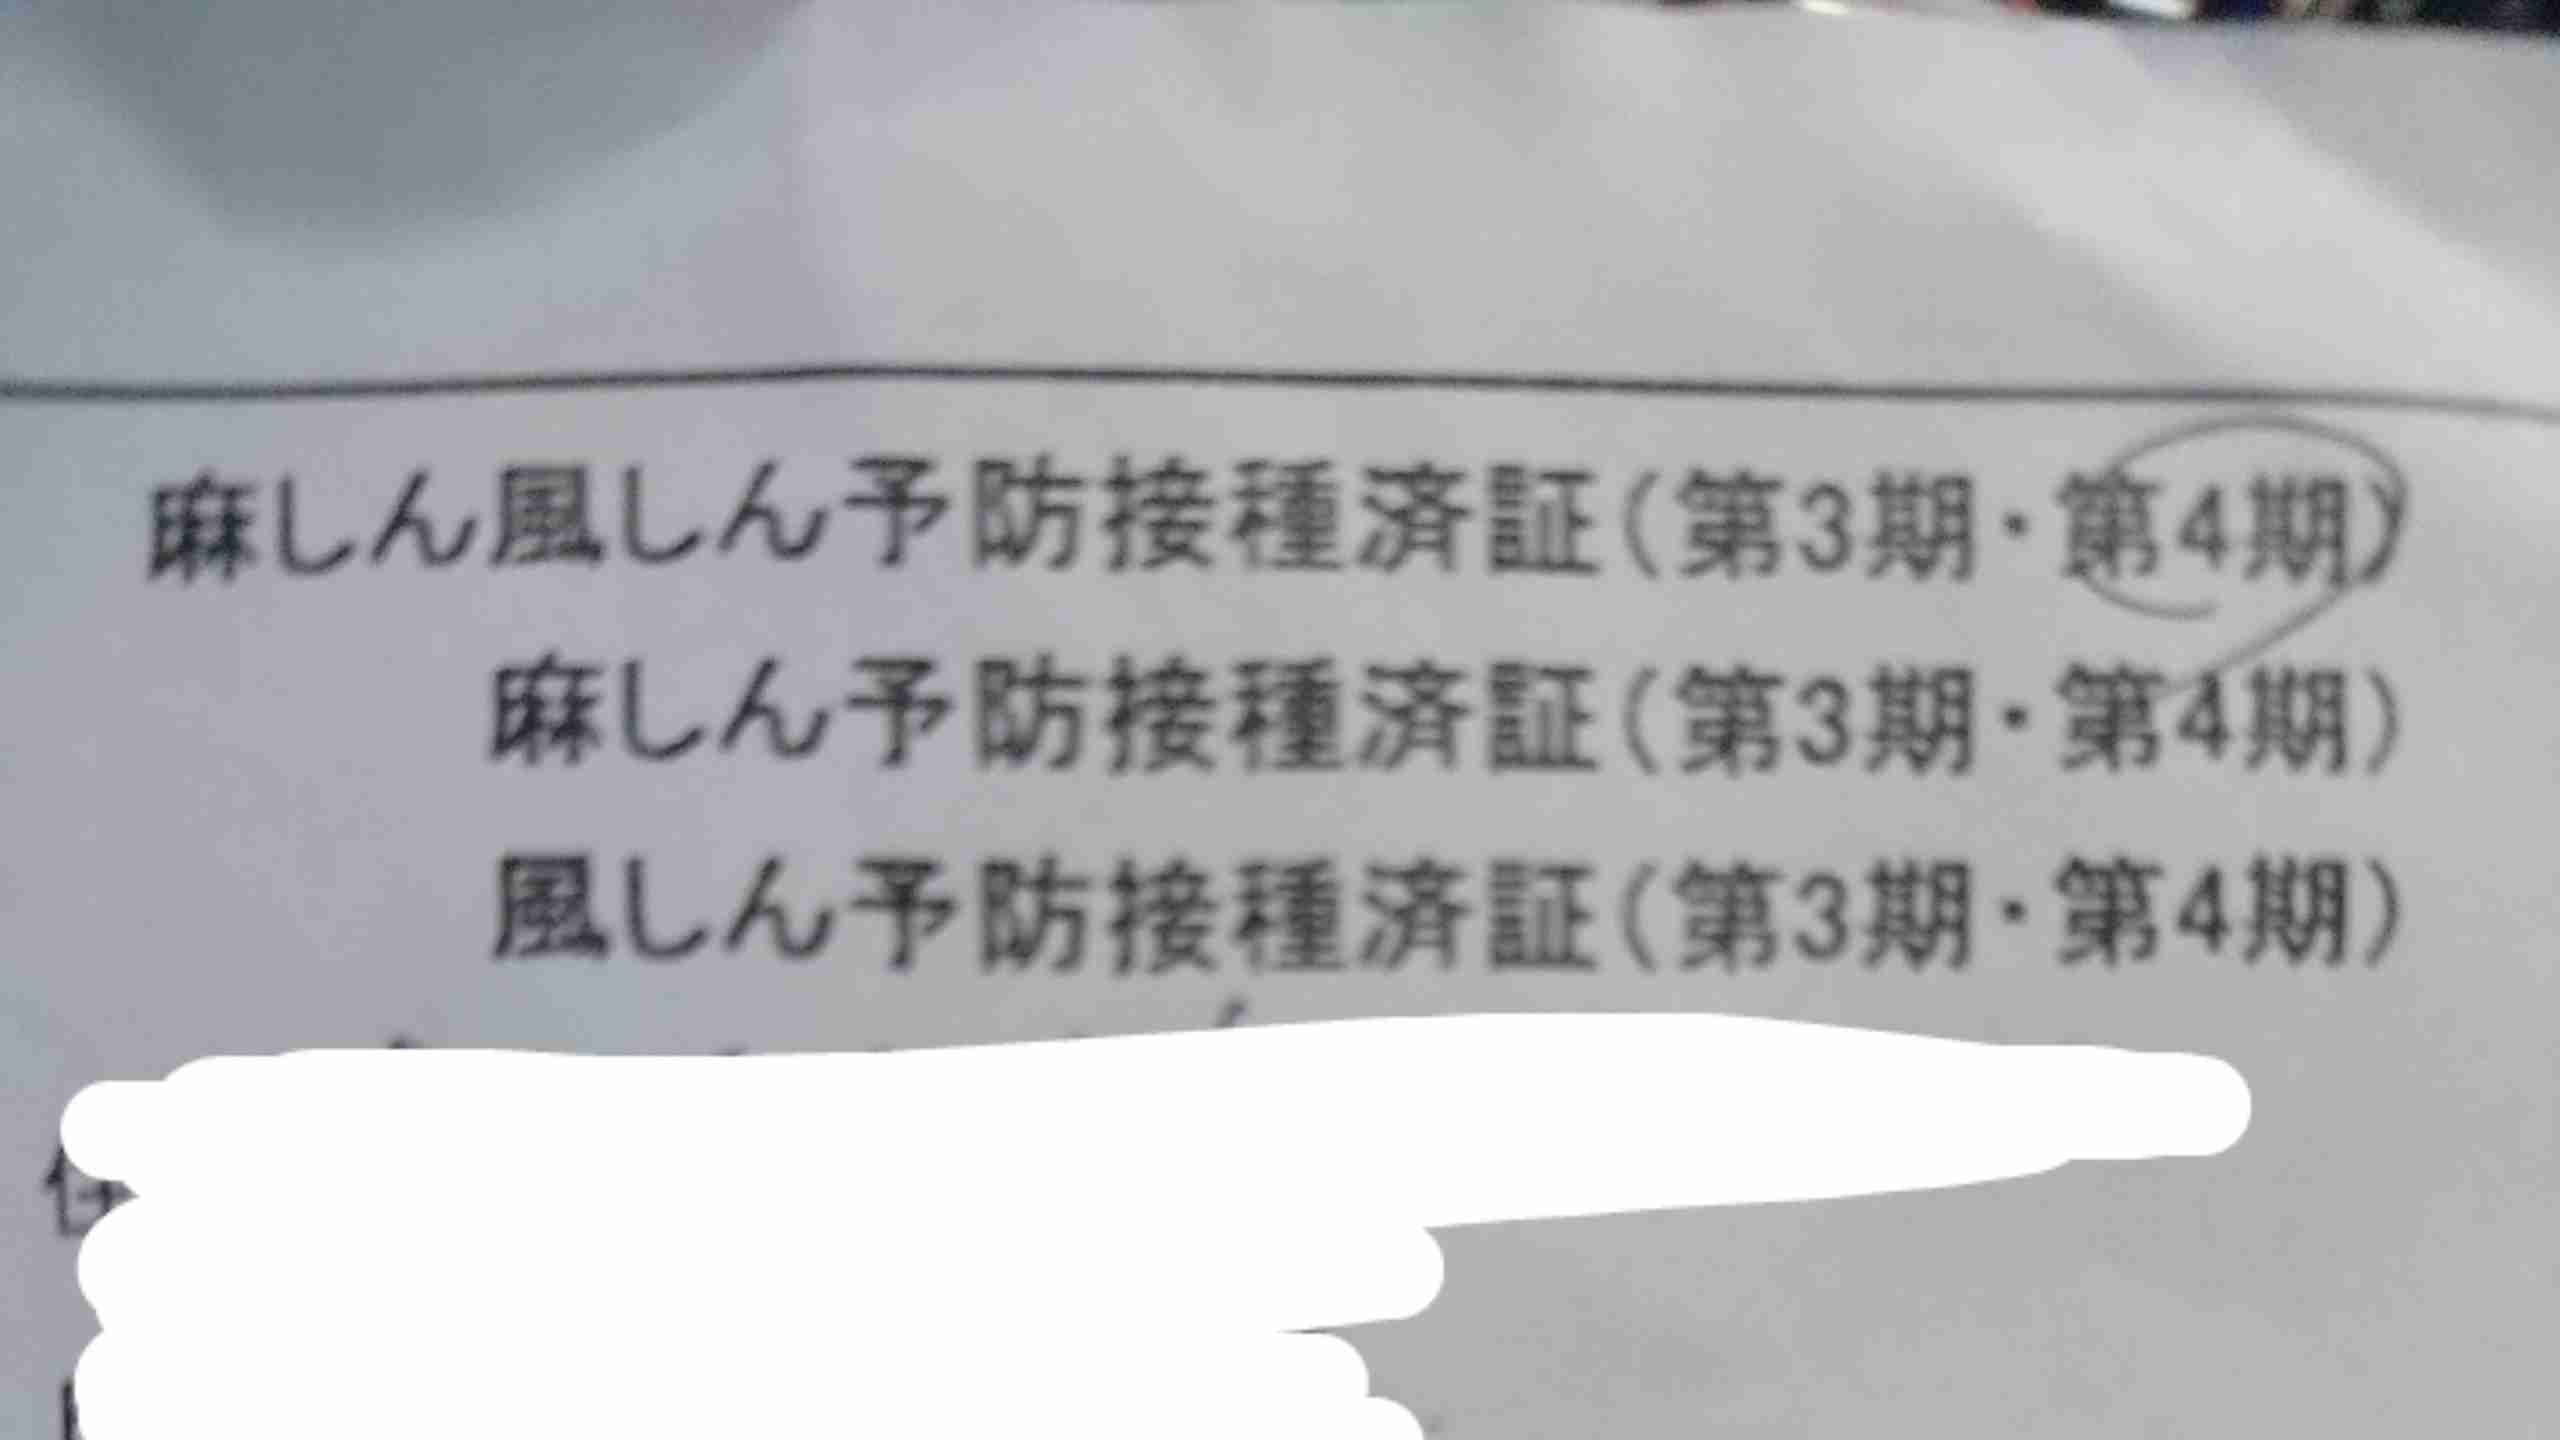 はしか患者、福岡で新たに確認 沖縄・愛知への訪問なし